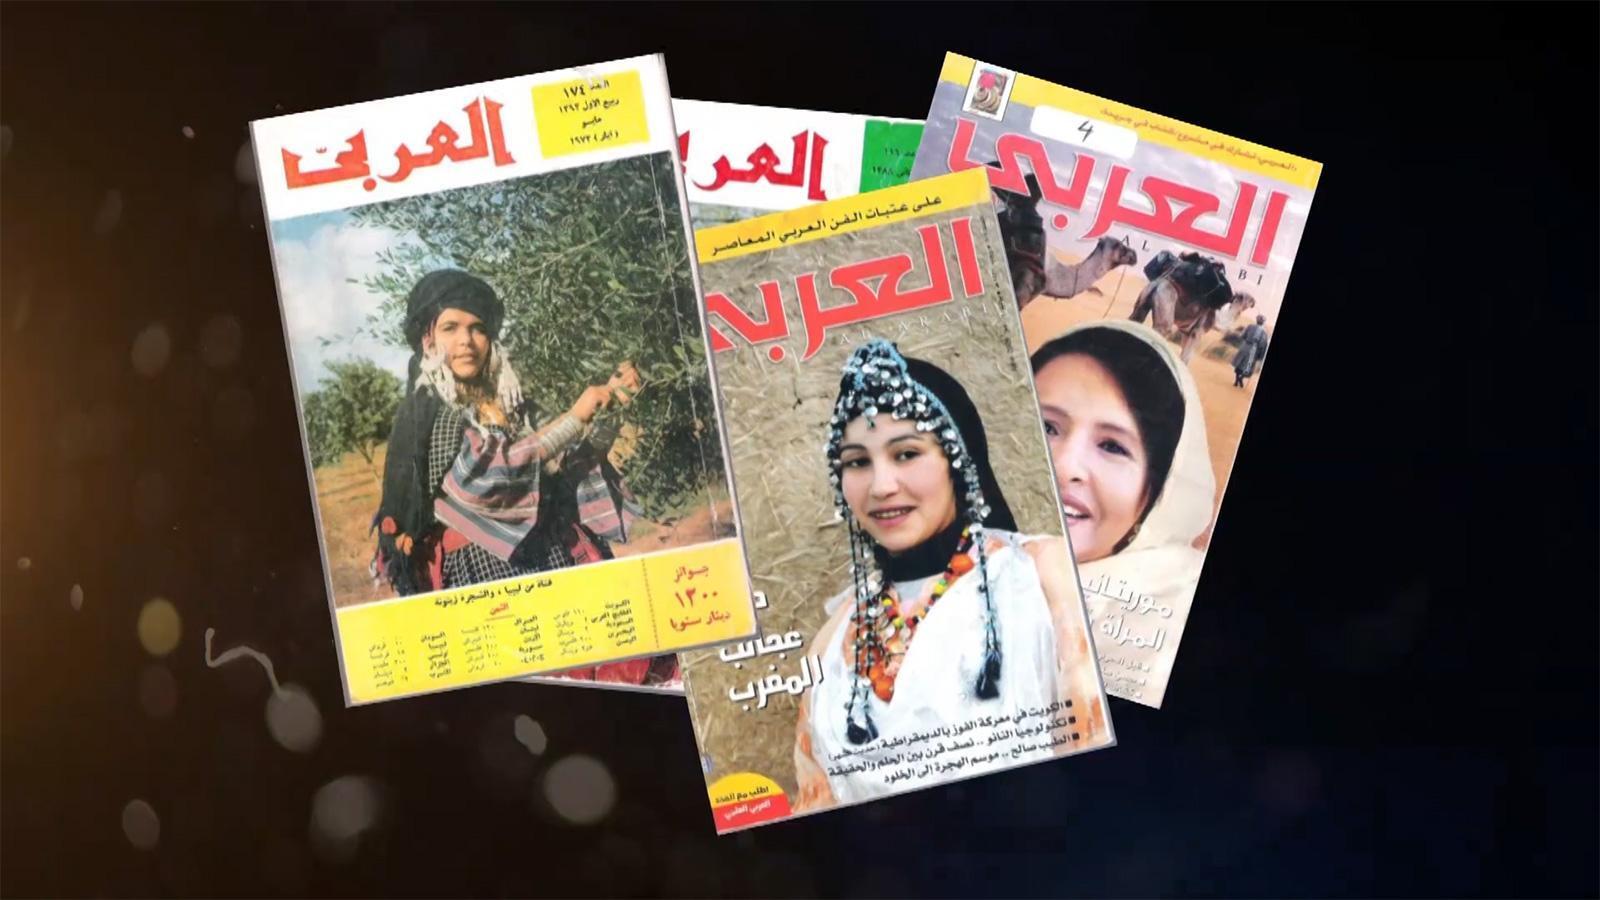 """المشاء- مجلة """"العربي"""".. توجه نحو الوحدة وتشبث بالنجاح"""